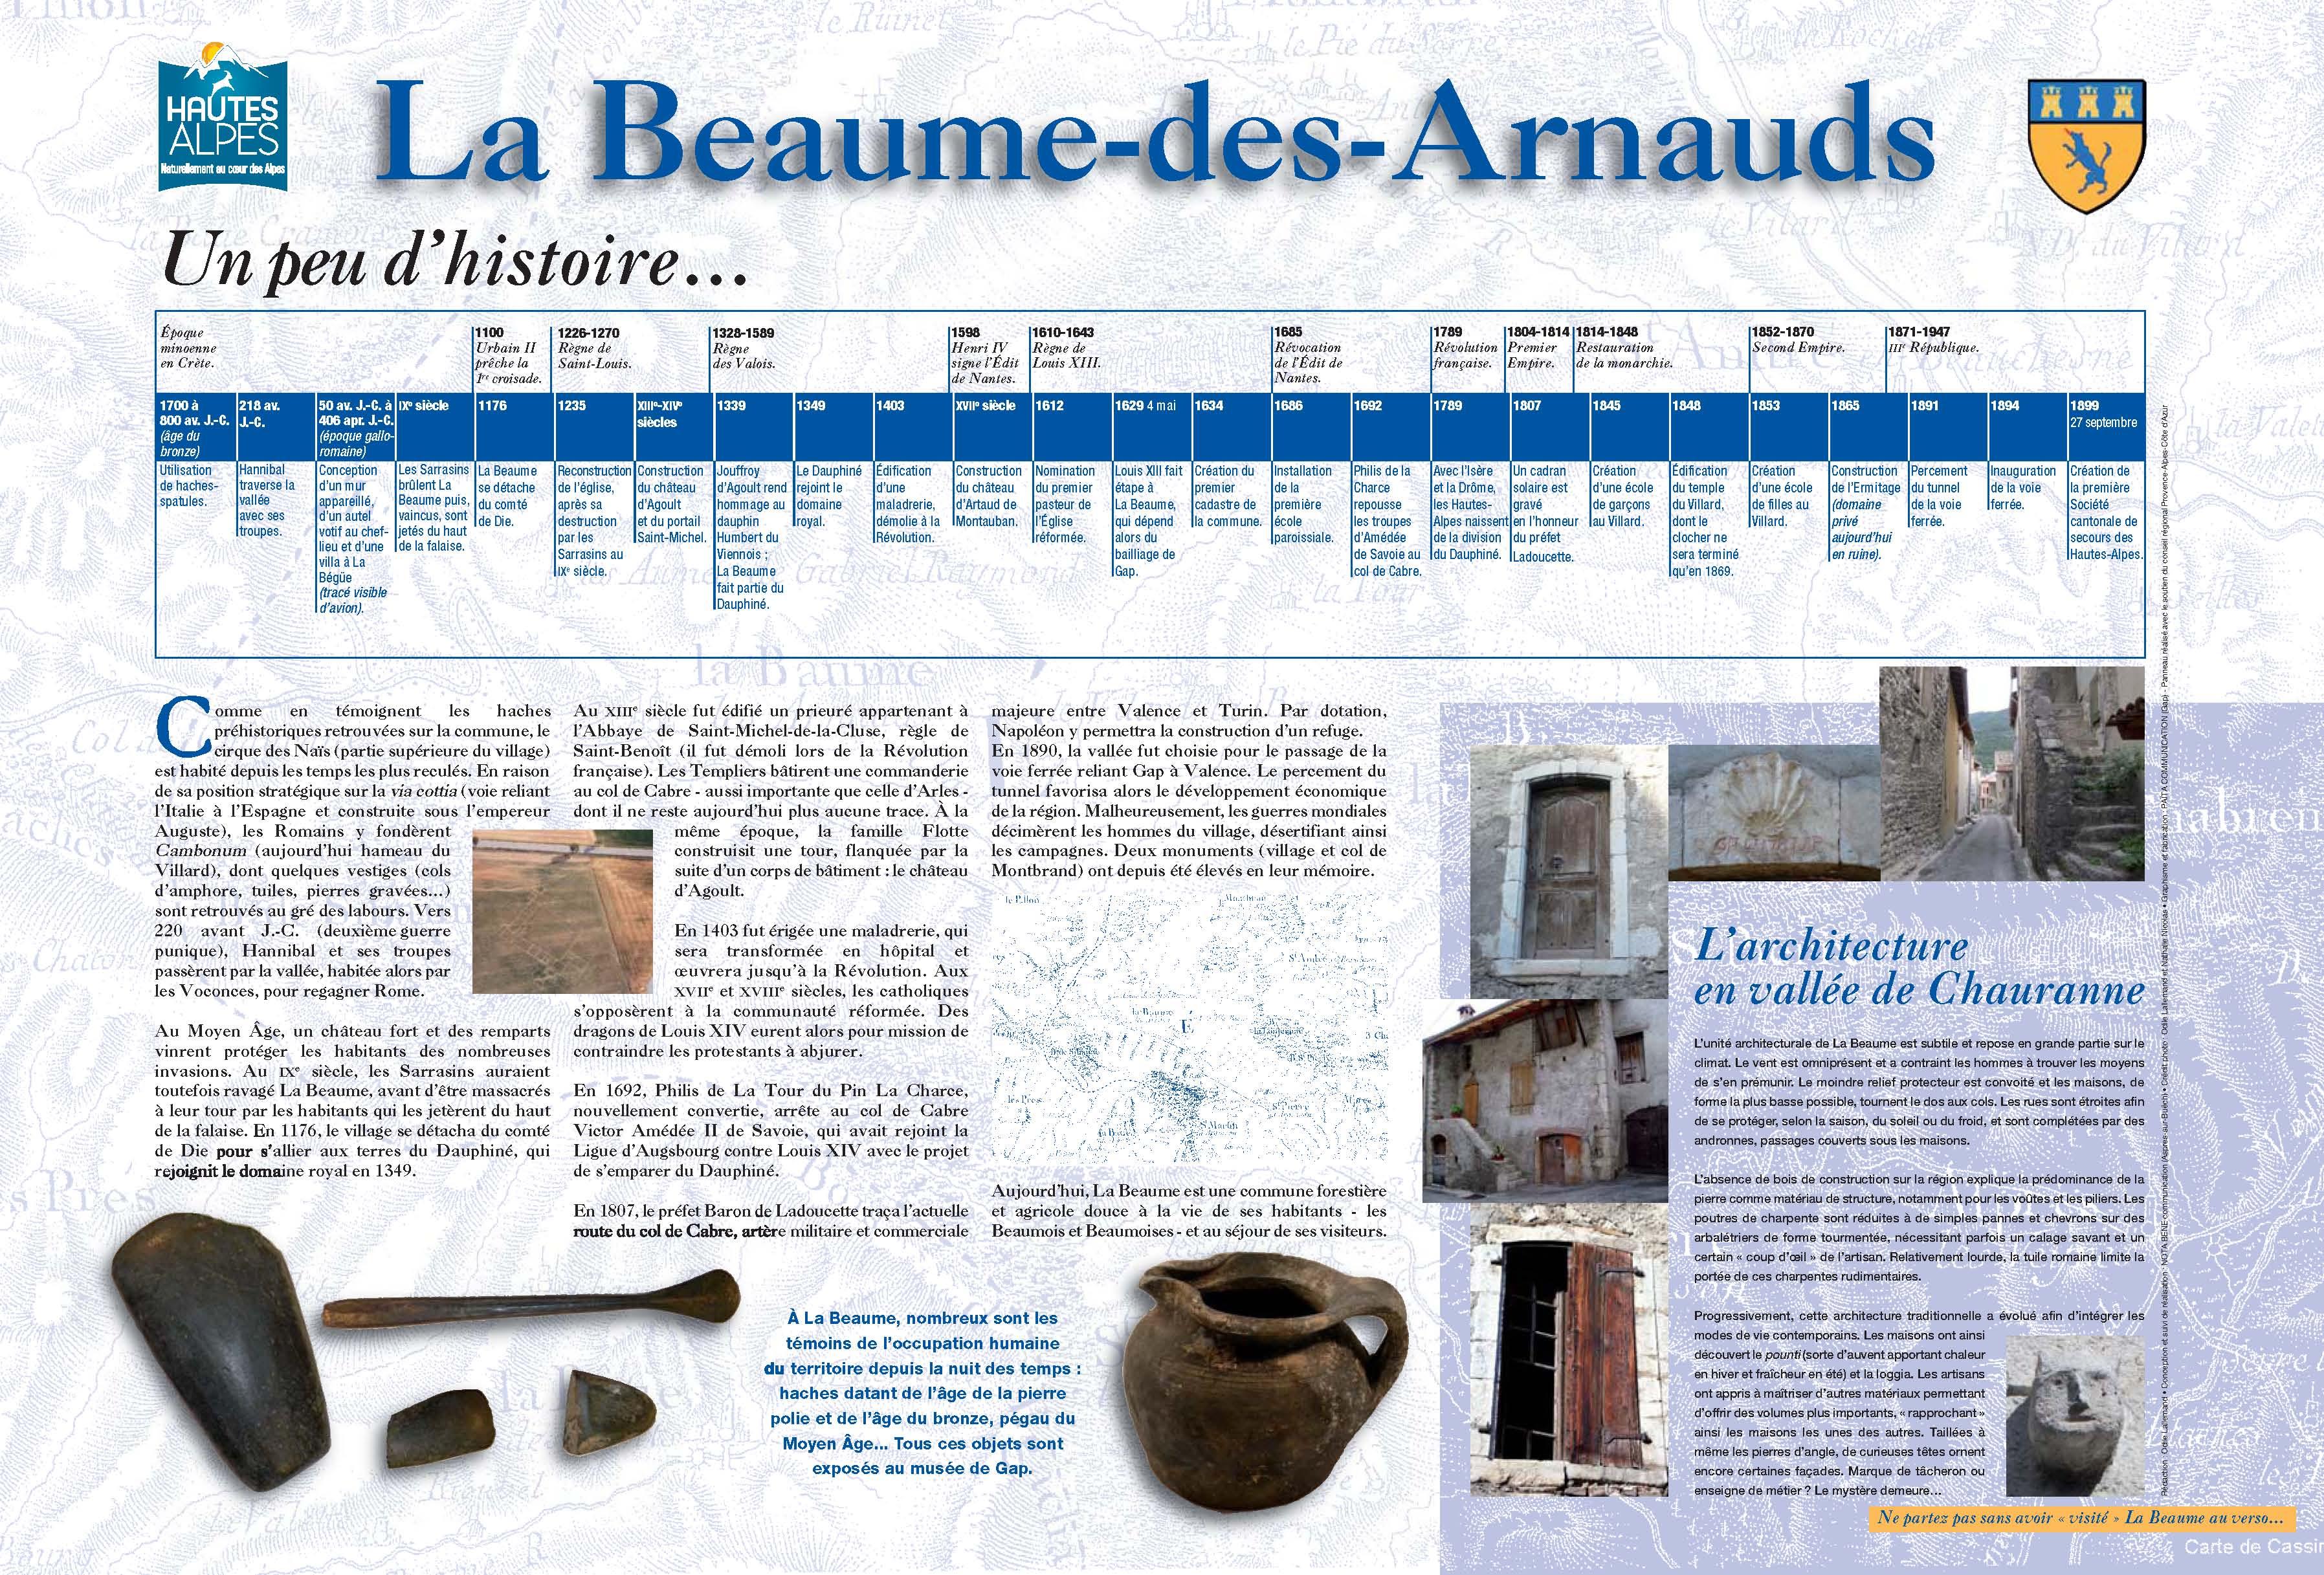 Mairie de La Beaume